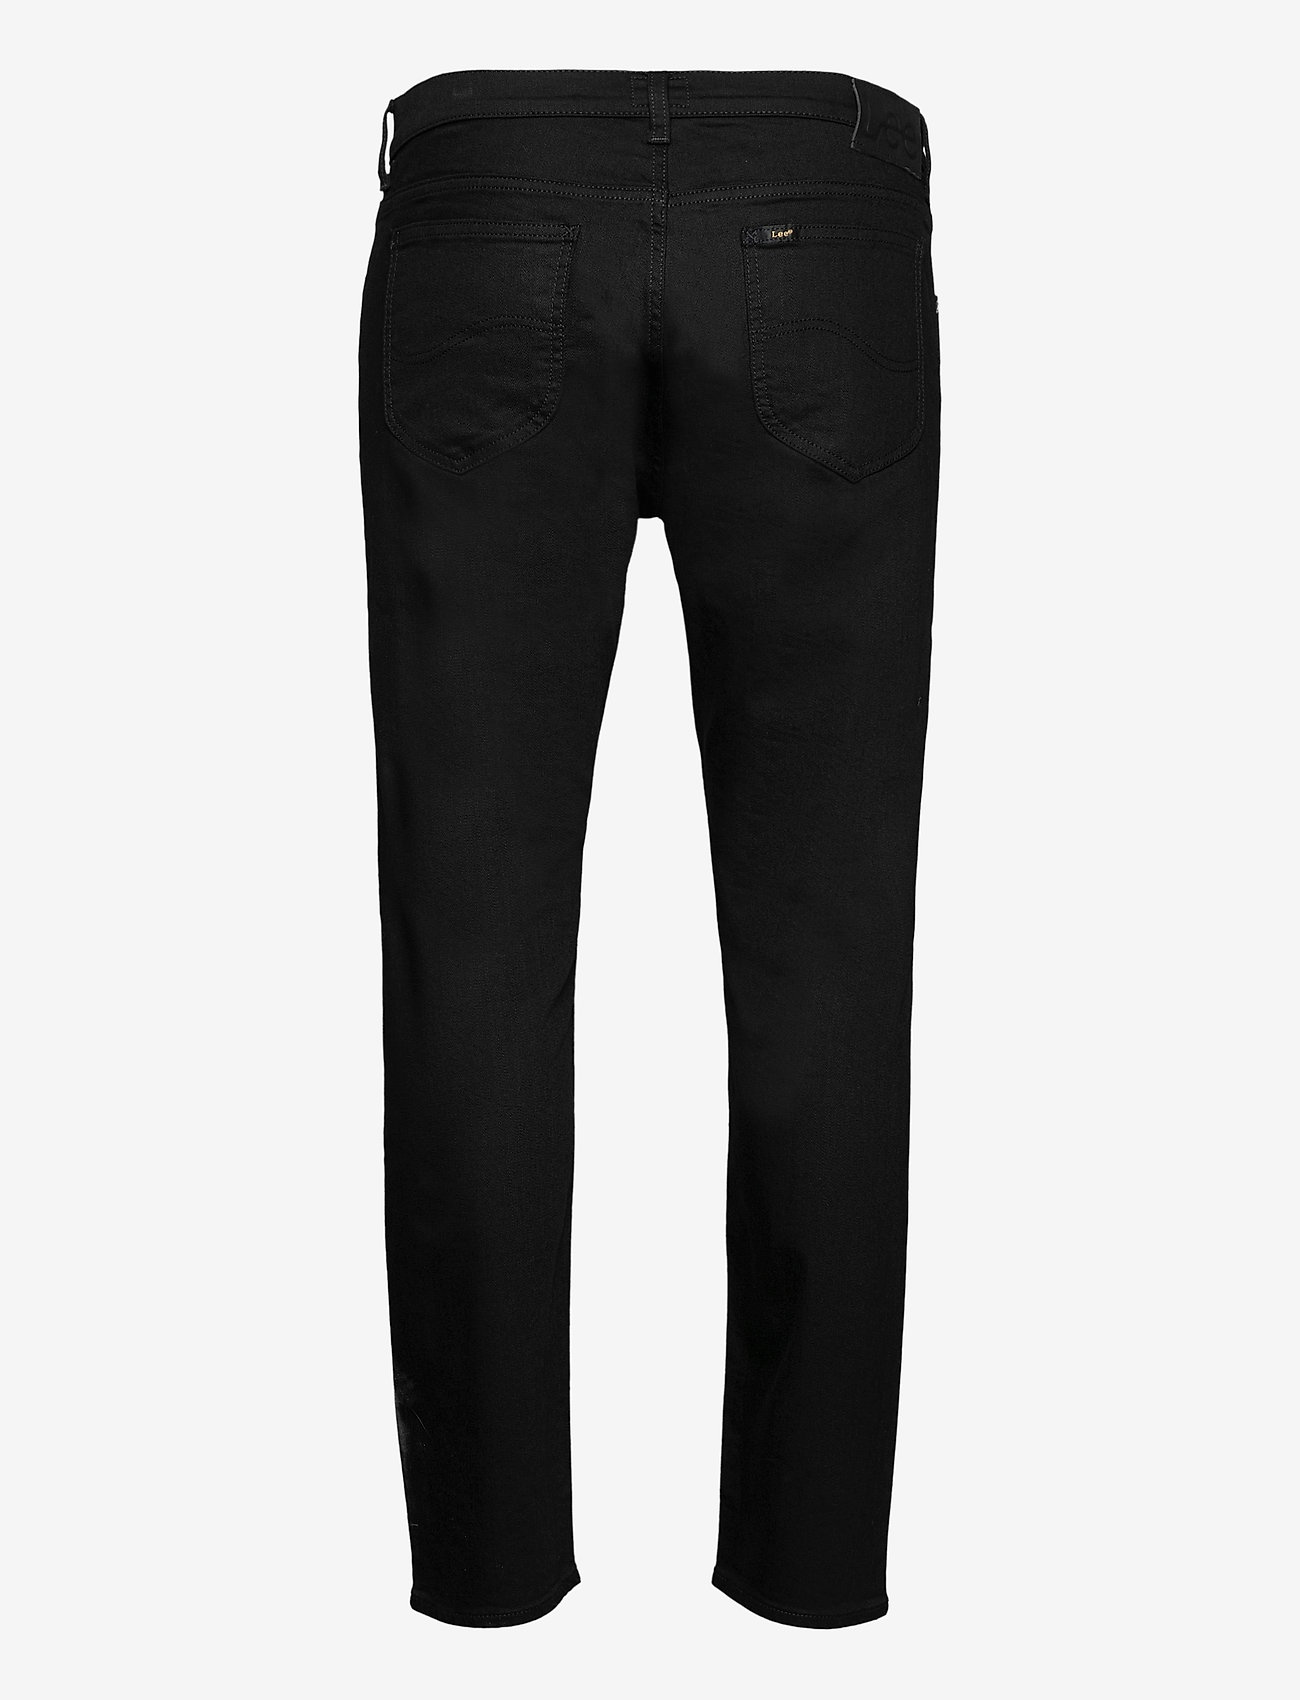 Lee Jeans - RIDER - slim jeans - clean black - 1